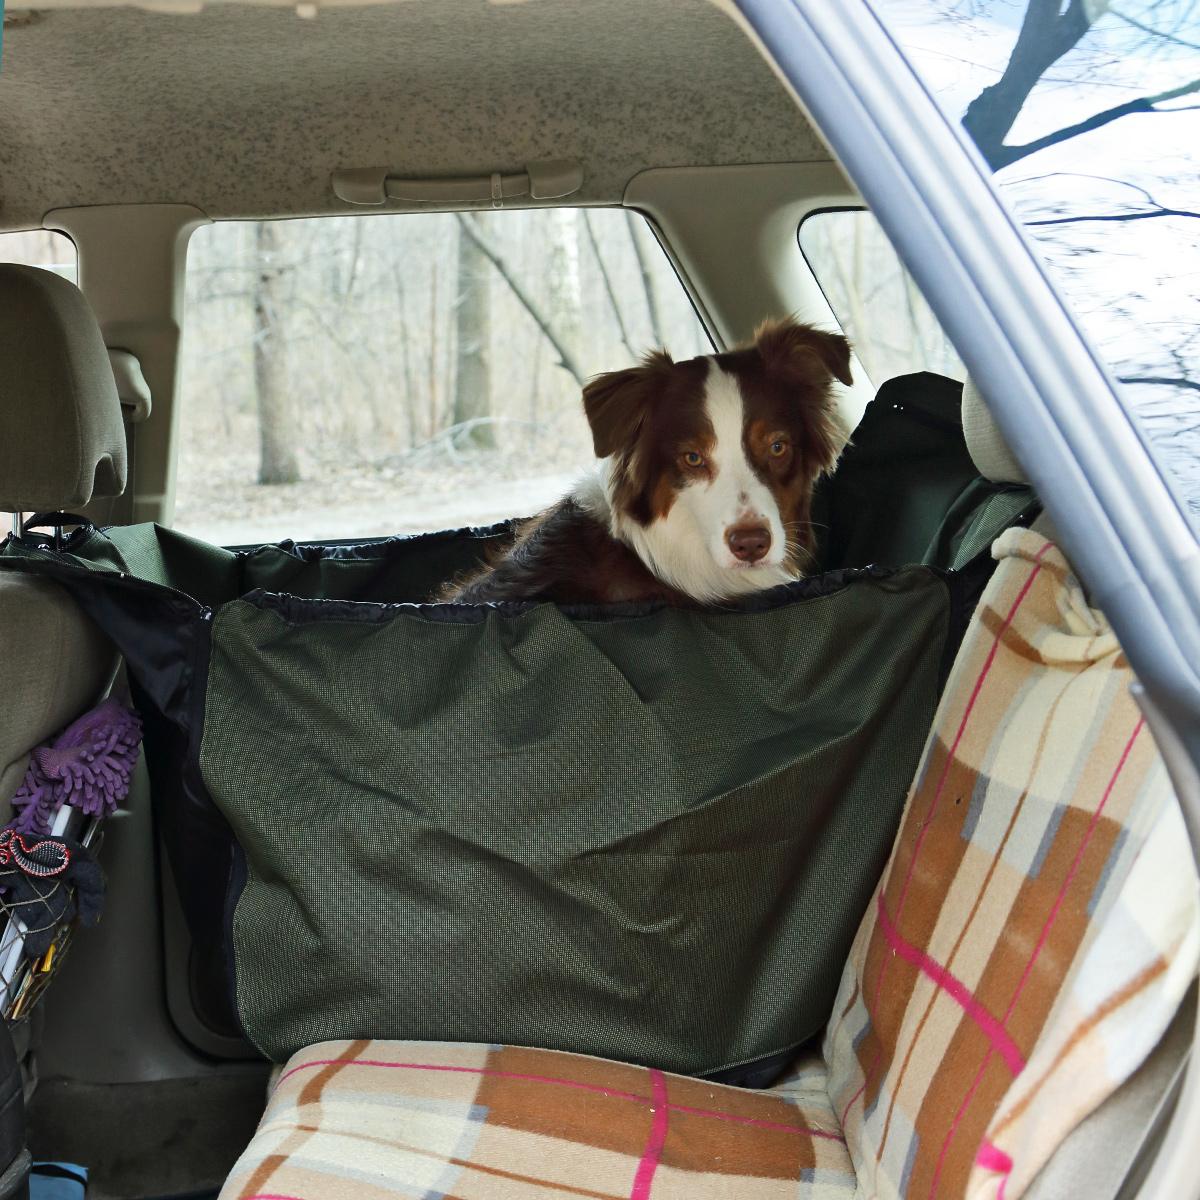 Автогамак для собак OSSO Fashion Car Premium, 135 x 50 смГ-1010Автогамак OSSO Fashion Car Premium представляет собой функциональное приспособление для перевозки собак в салоне машины. Этот автогамак идеально подойдет для транспортировки питомца на заднем сиденье, защитит его от царапин и грязи. Незаменим при транспортировке животного после прогулок на природе, поездки в ветклинику, на выставку, охоту, рыбалку и дачу, не опасаясь испачкать или поцарапать сидения и обивку дверей. Изготовлен из прочной, дублированной, водостойкой и морозоустойчивой ткани на подкладке. Конструкция гамака предохраняет питомца от соскальзывания и передвижения по салону во время движения и резкого торможения. Чистка такого гамака не составляет никакого труда: просто стряхните засохшую грязь и песок щеткой, а затем протрите поверхность влажной губкой или тряпкой. Изделие крепится к подголовникам переднего и заднего сидений с помощью молний с замками автомат. Стелется по спинке заднего сидения, по заднему сидению и идет вверх к переднему...